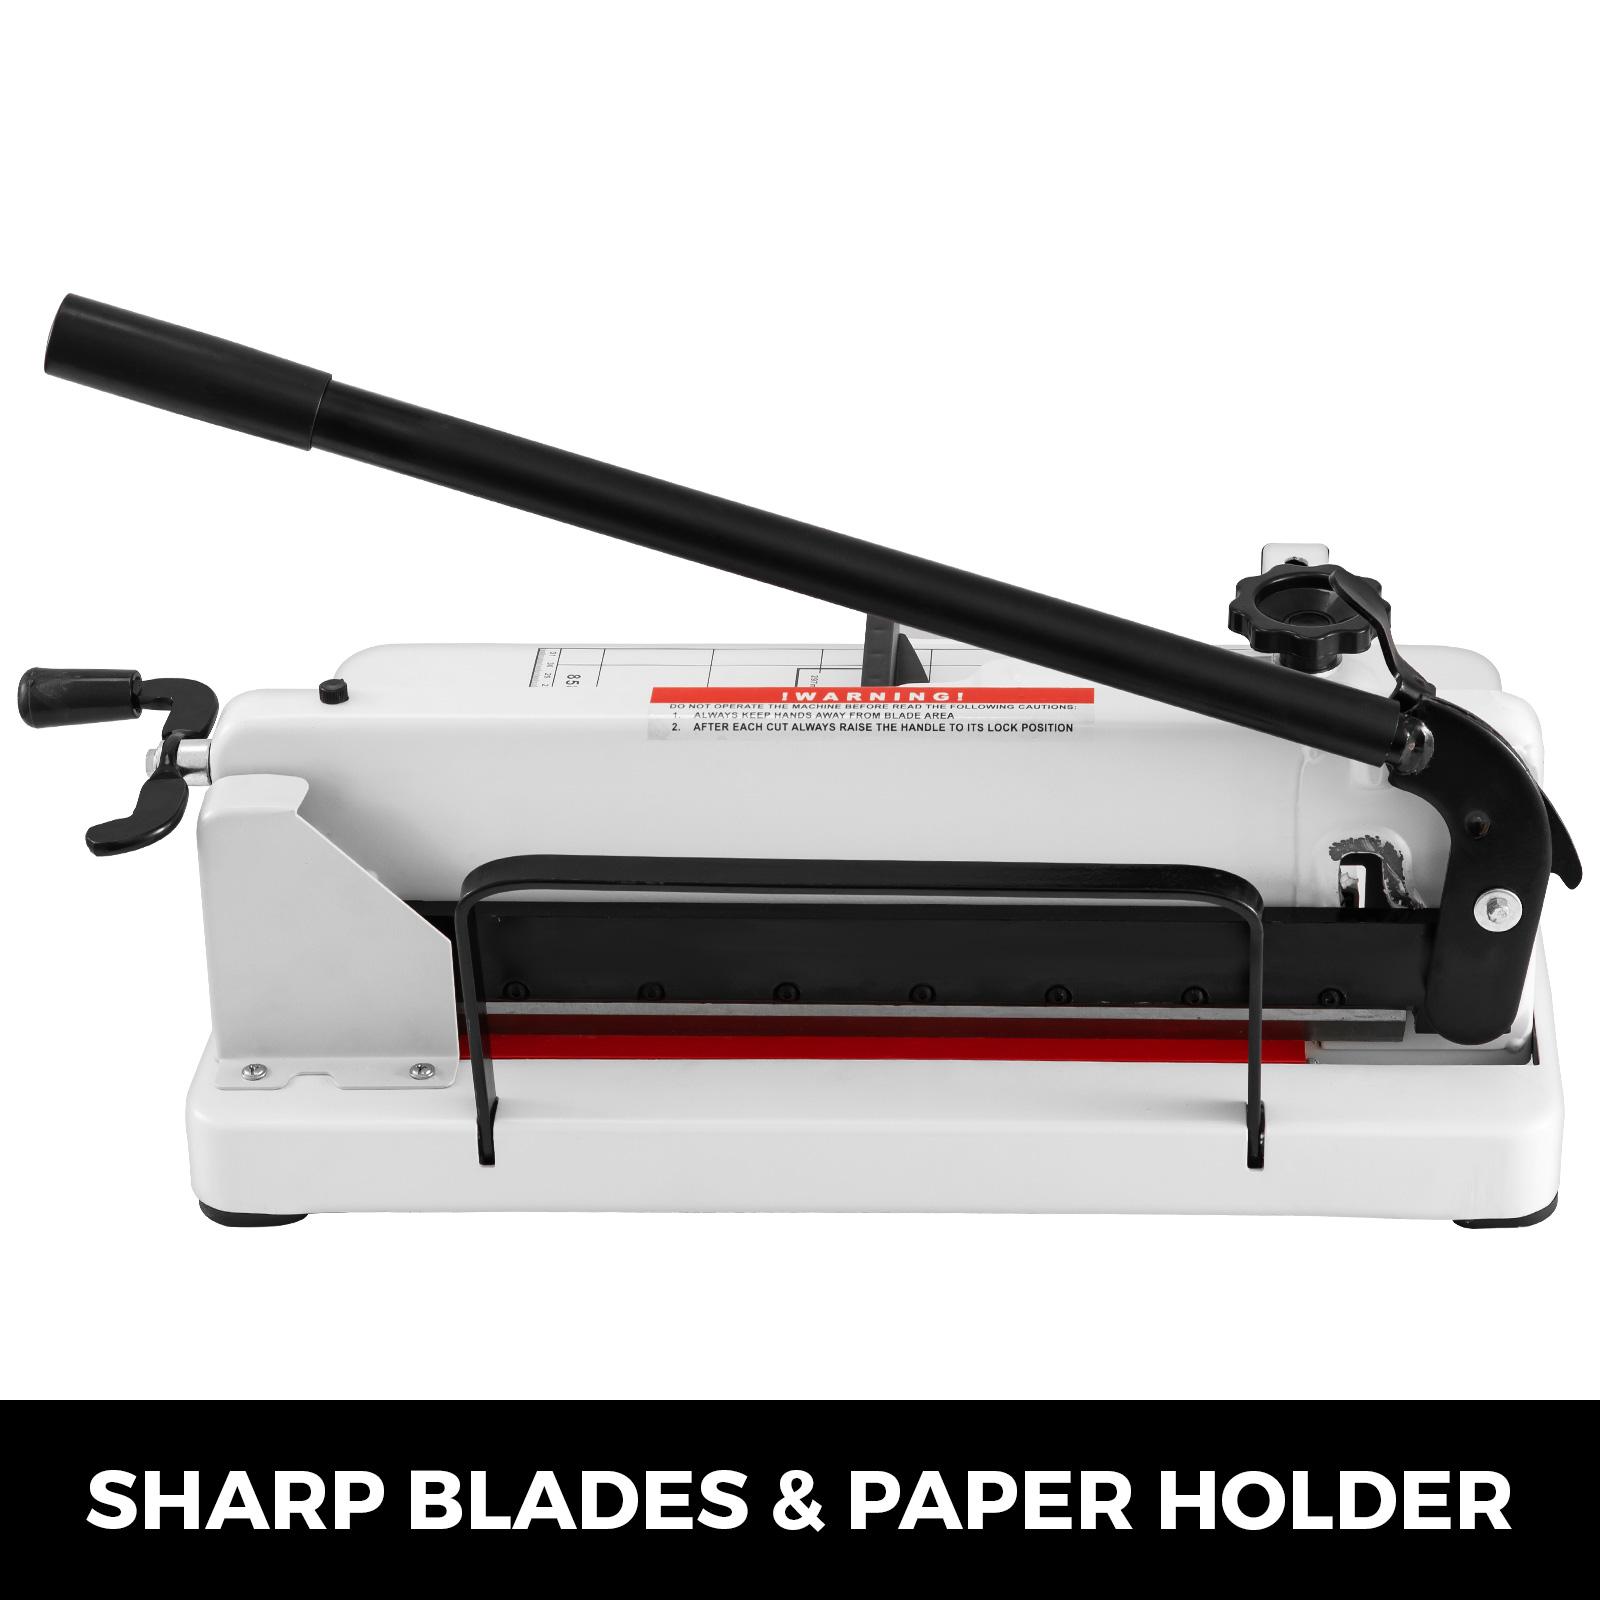 Foto /& Papier Schneidemaschine Hebelschneider Schneidegerät DIN A3 Cutter